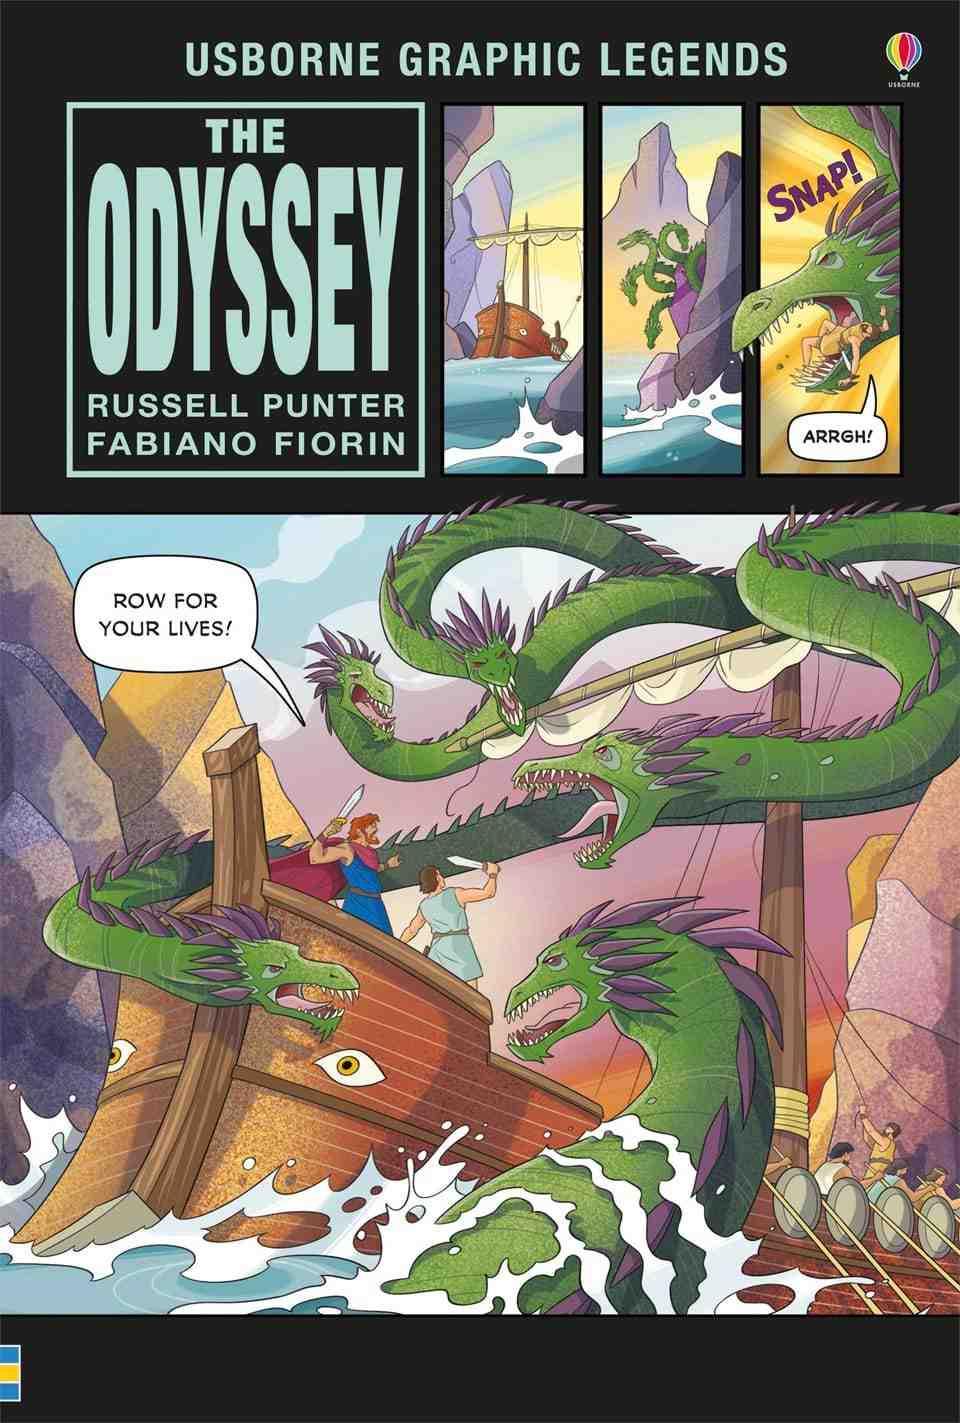 Odyssey Graphic Novel Cel mai minunat lucru carti pentru copii de 9 ani